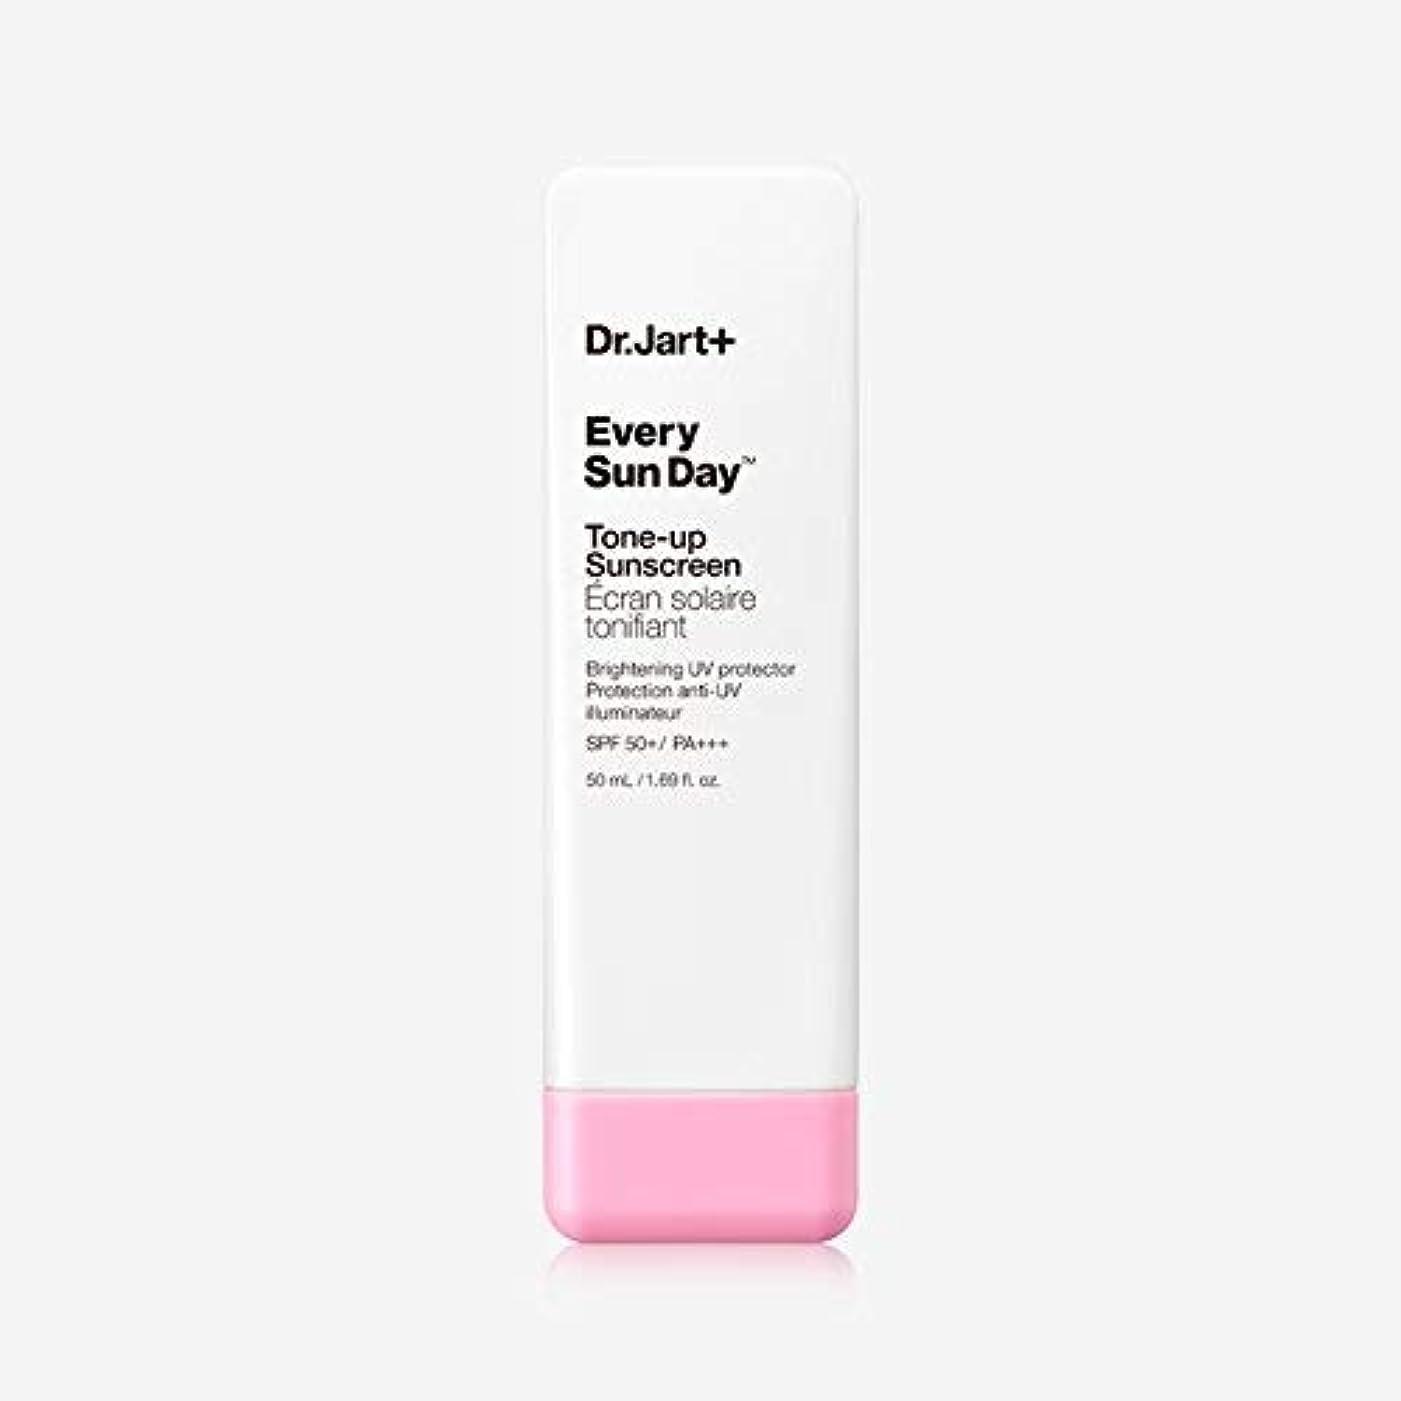 ストレンジャー受ける個人Dr.Jart+ Every Sun Day Tone-up Sunscreen SPF50+ PA+++ 50ml / ドクタージャルトゥエヴリサンデートーンアップサンスクリーンSPF50+PA+++50ml [並行輸入品]